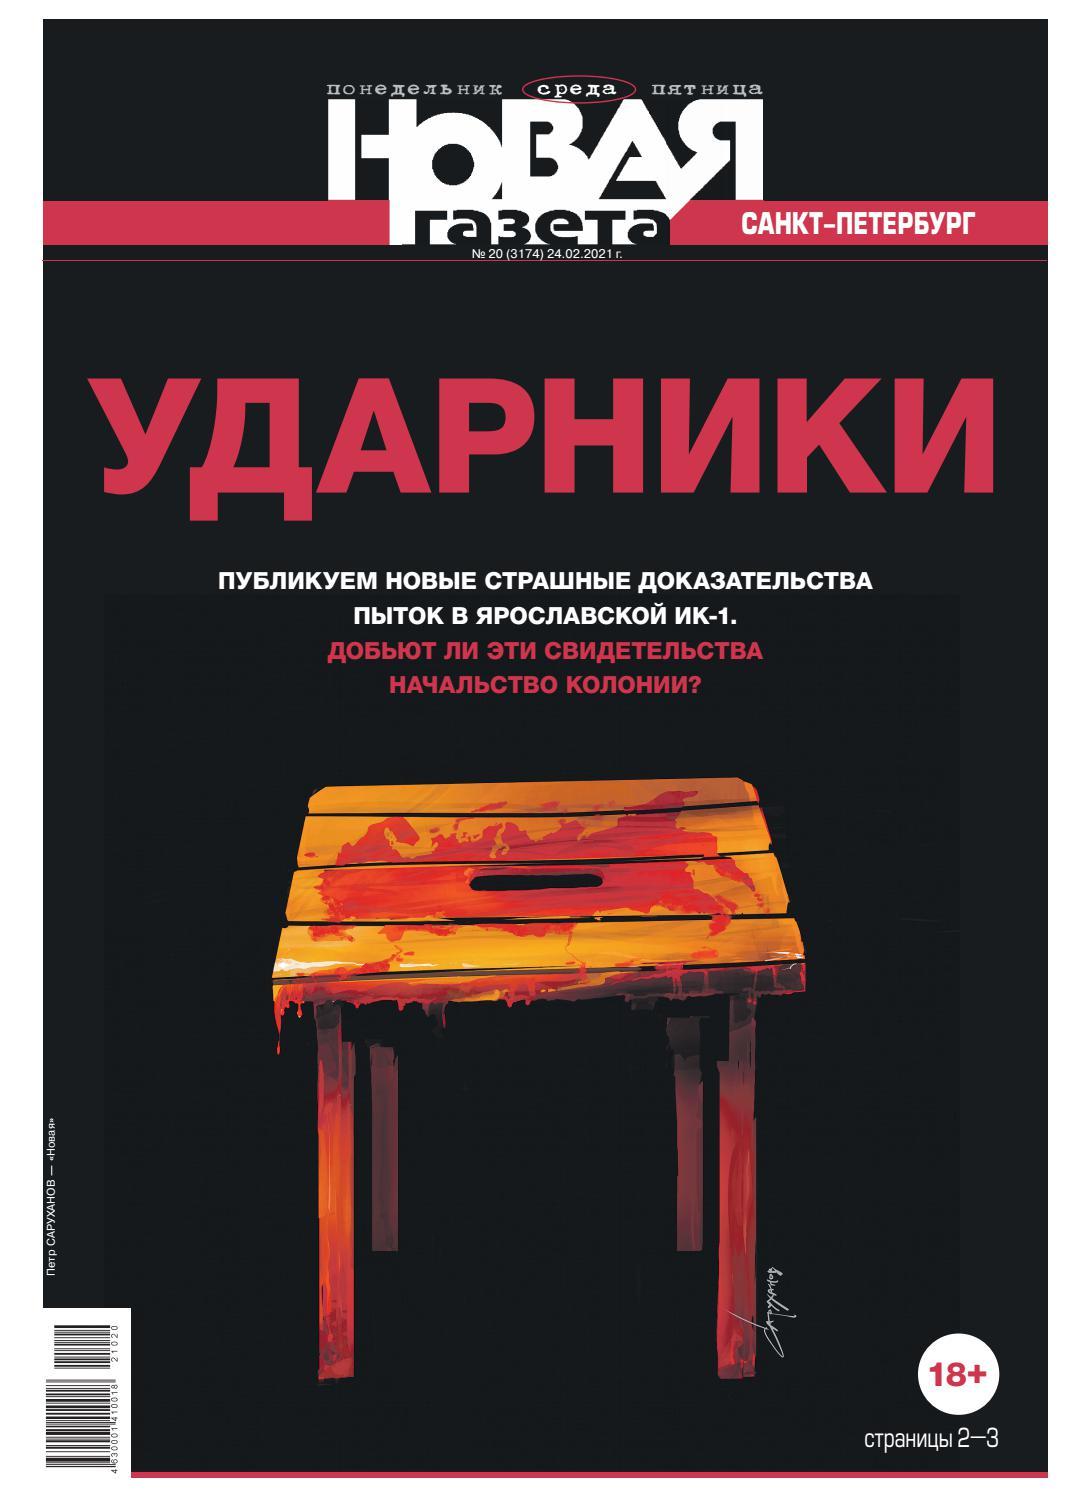 Новая газета №20, февраль 2021